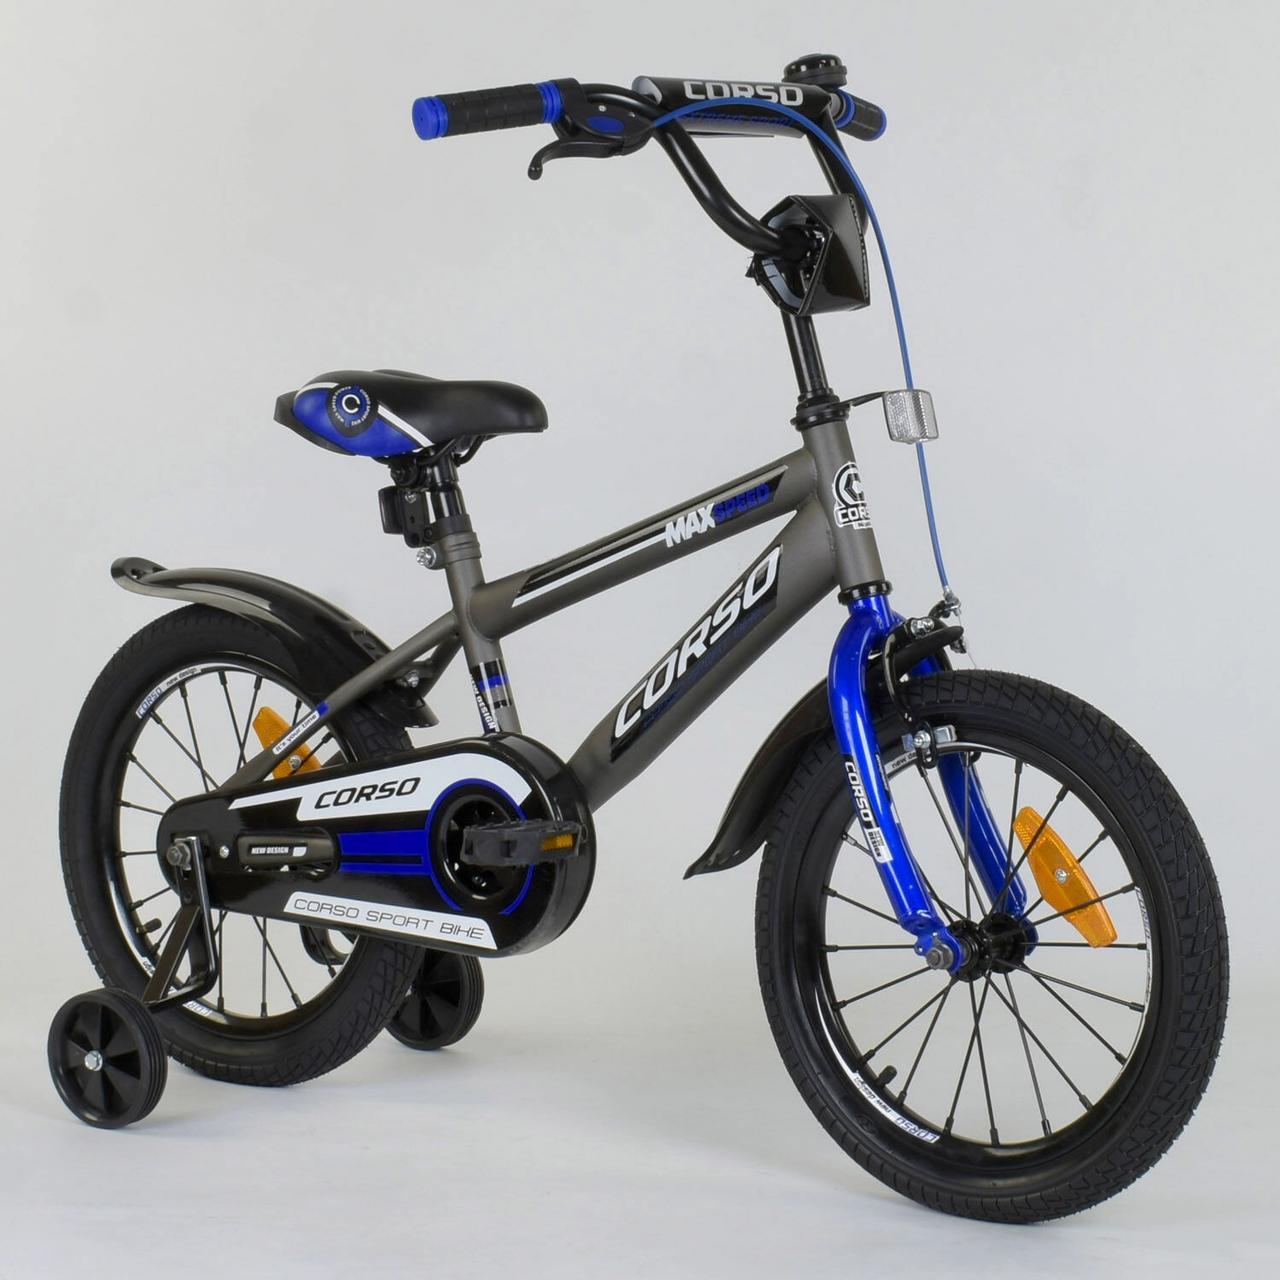 """Детский 2-х колёсный велосипед16"""" с ручным тормозом Corso ST-7910 Серый с синим, стальная рама"""